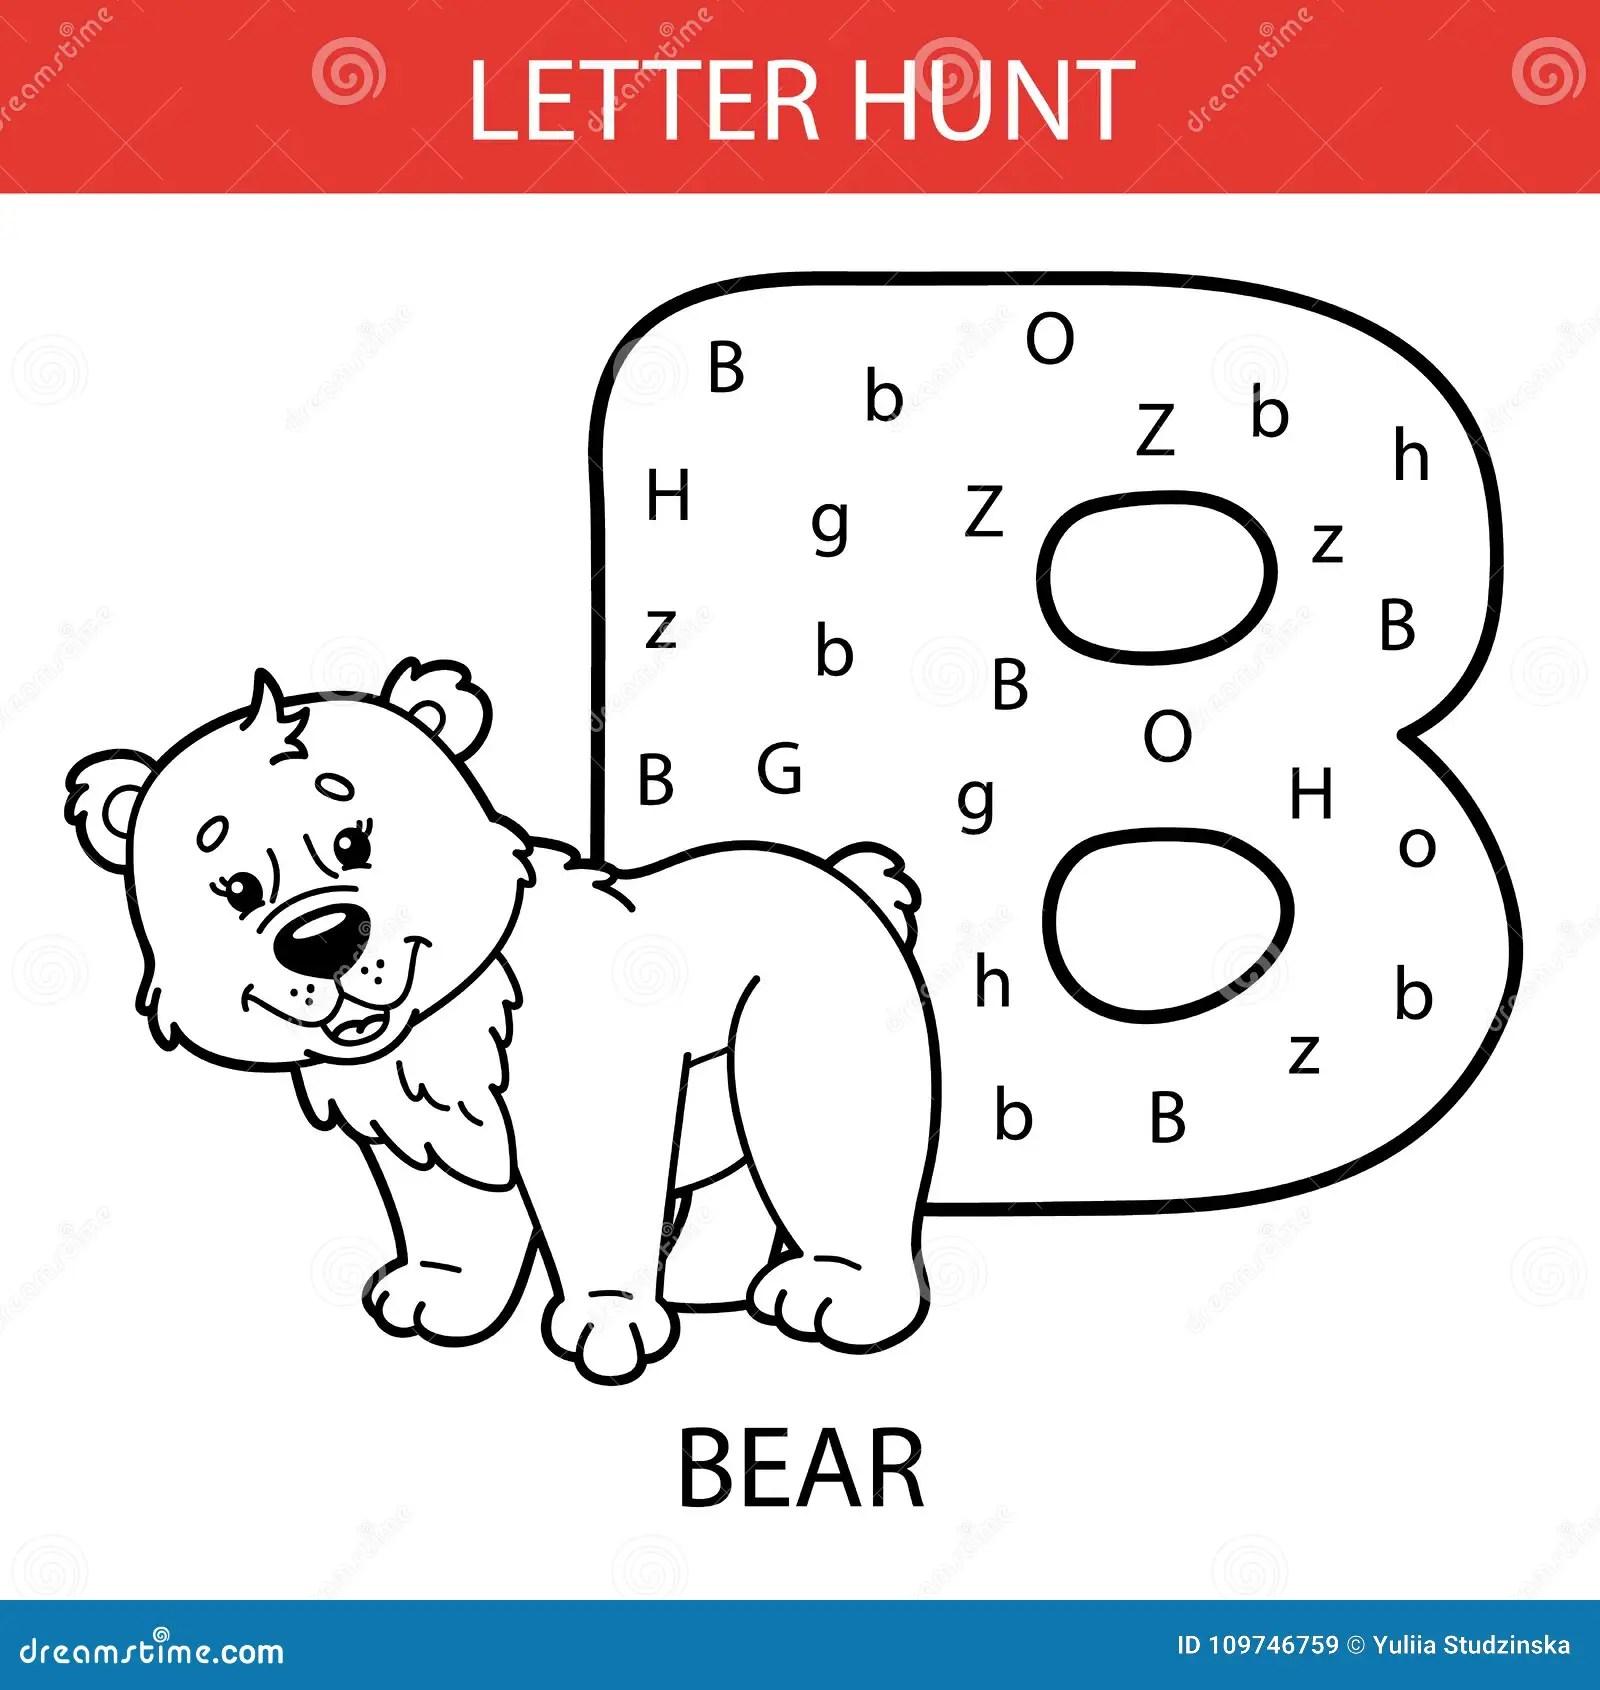 Animal Letter Hunt Bear Stock Vector Illustration Of Game